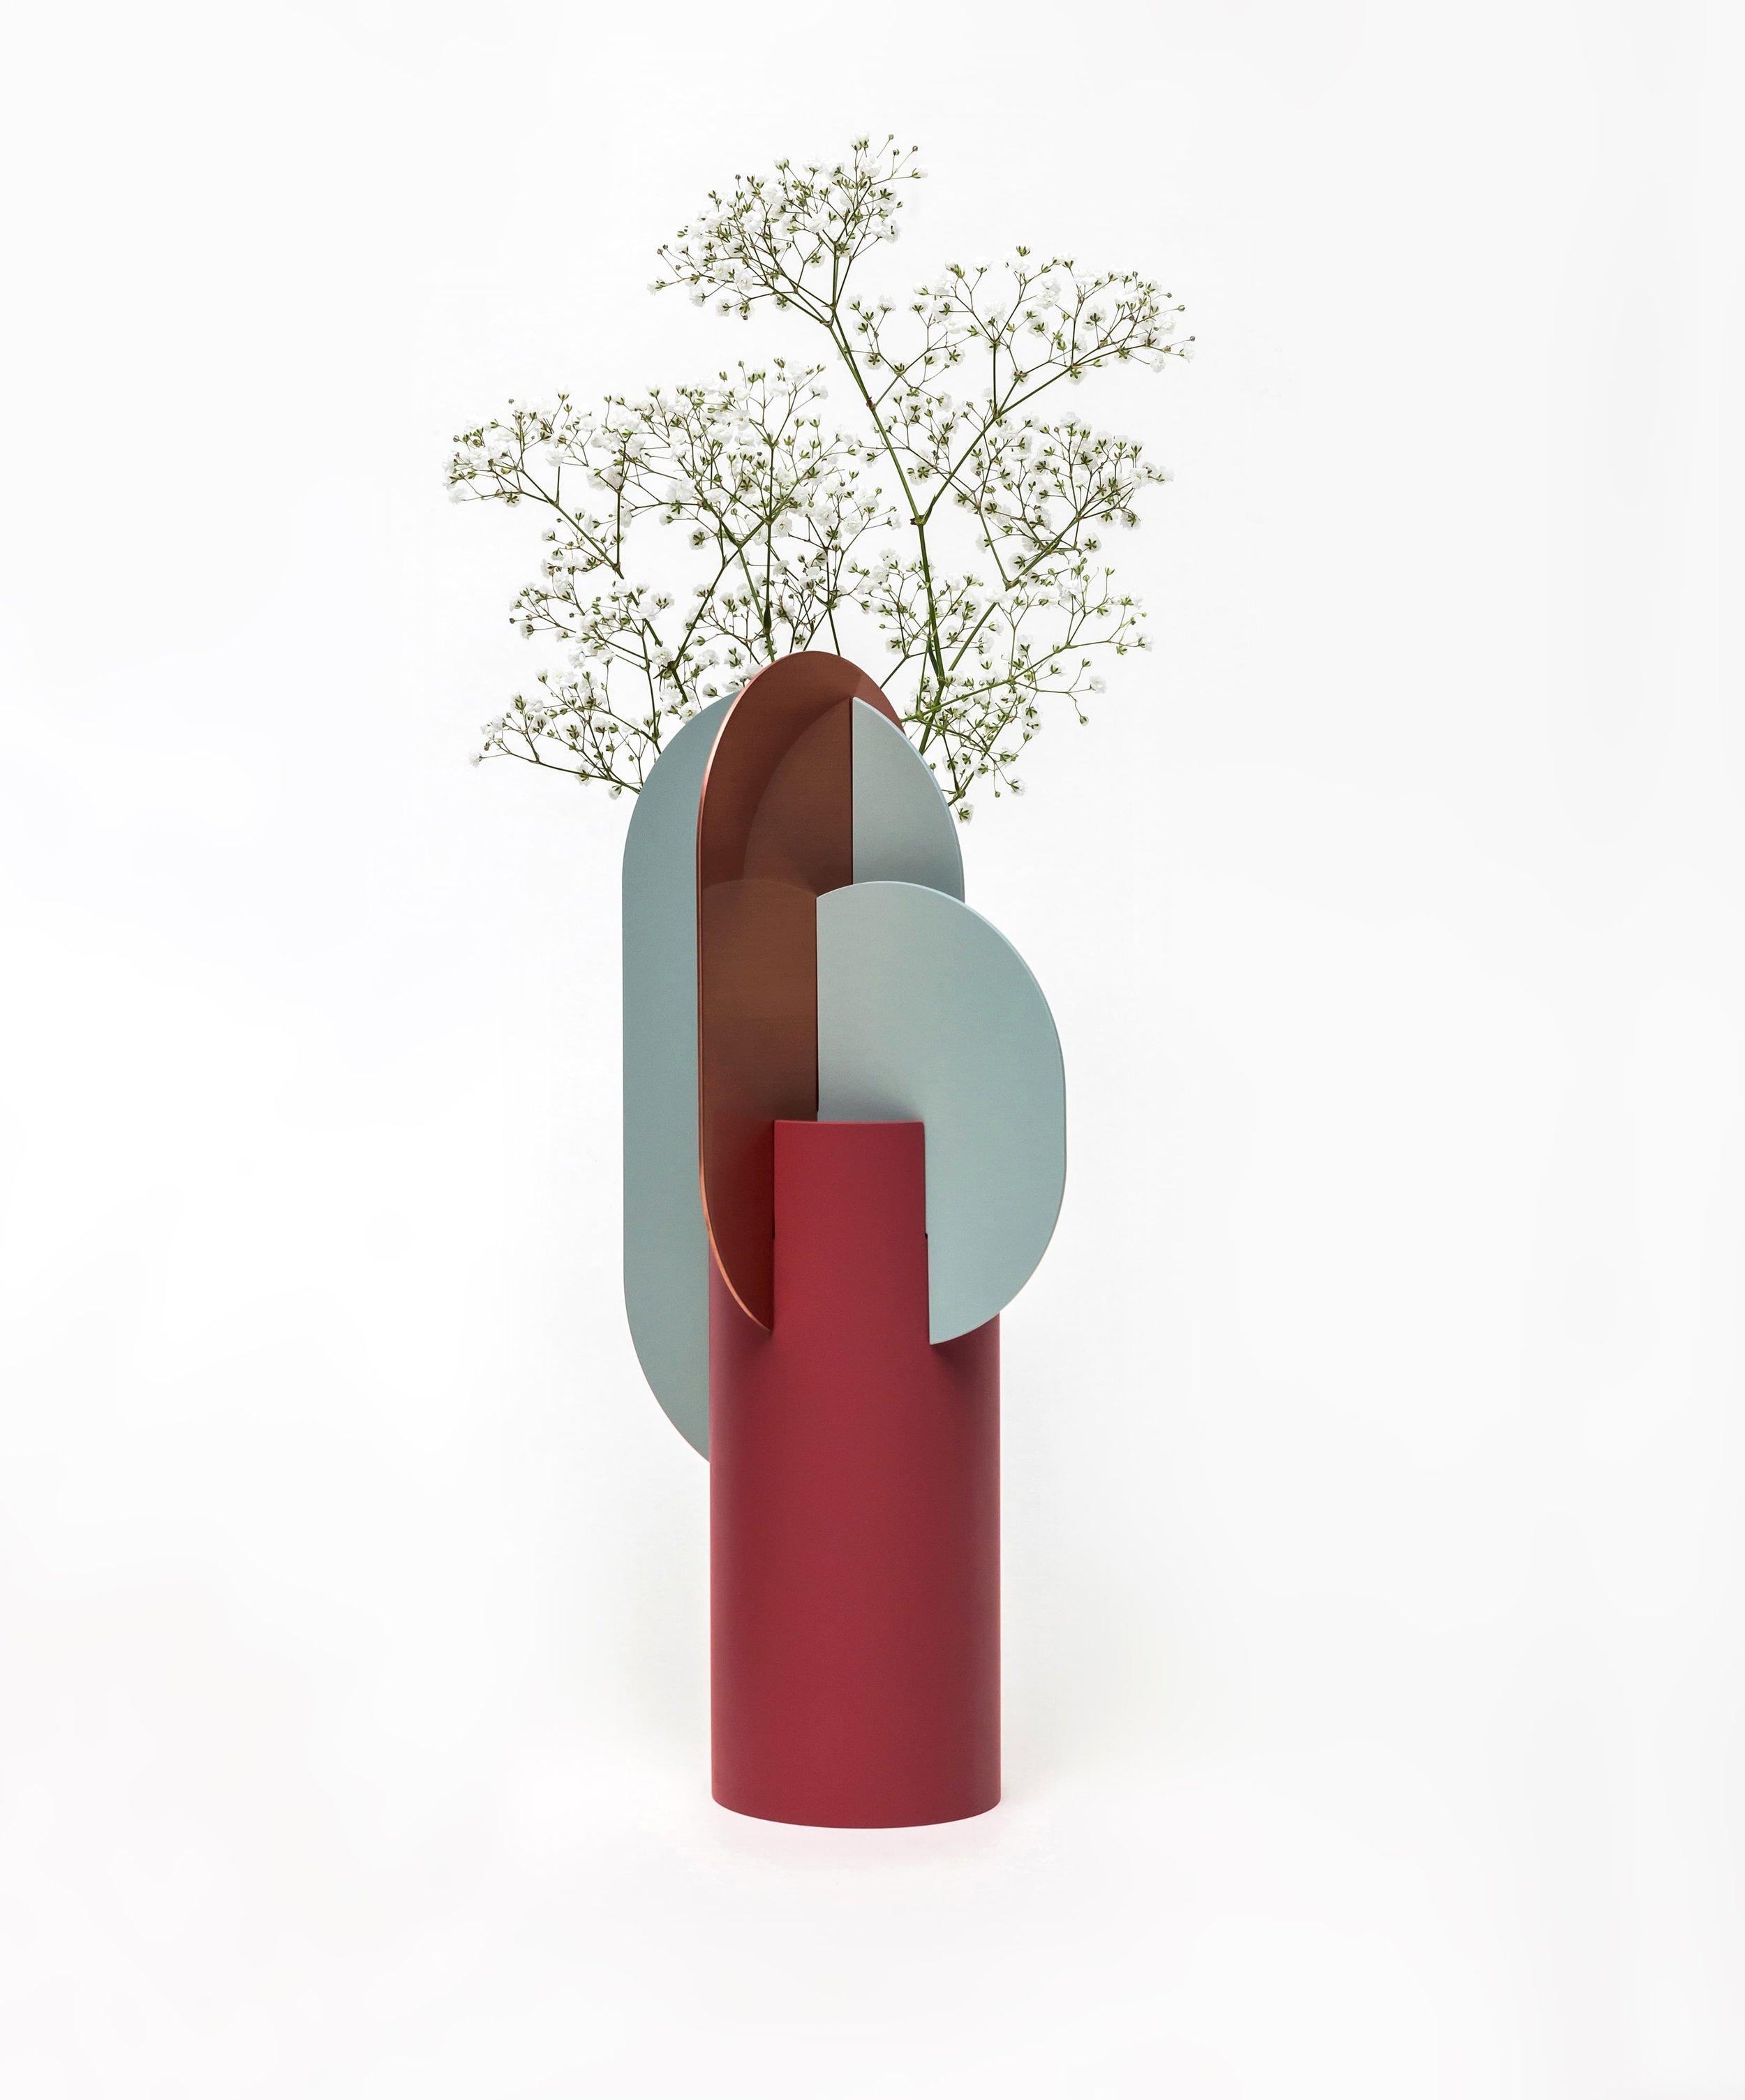 Ekster vase 2.jpg